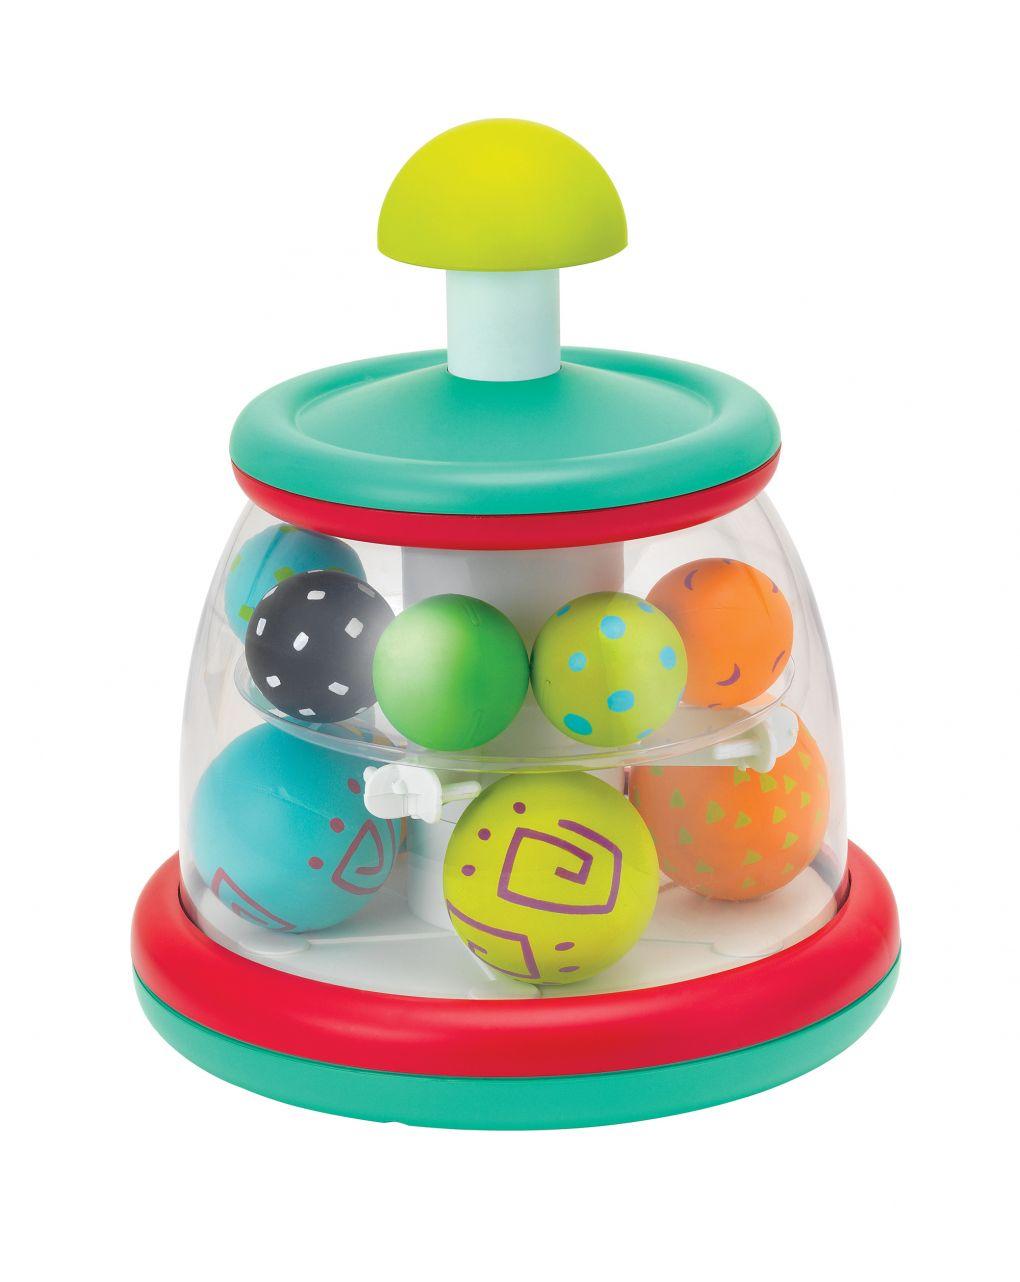 Bkids - pião com bolas - B-kids